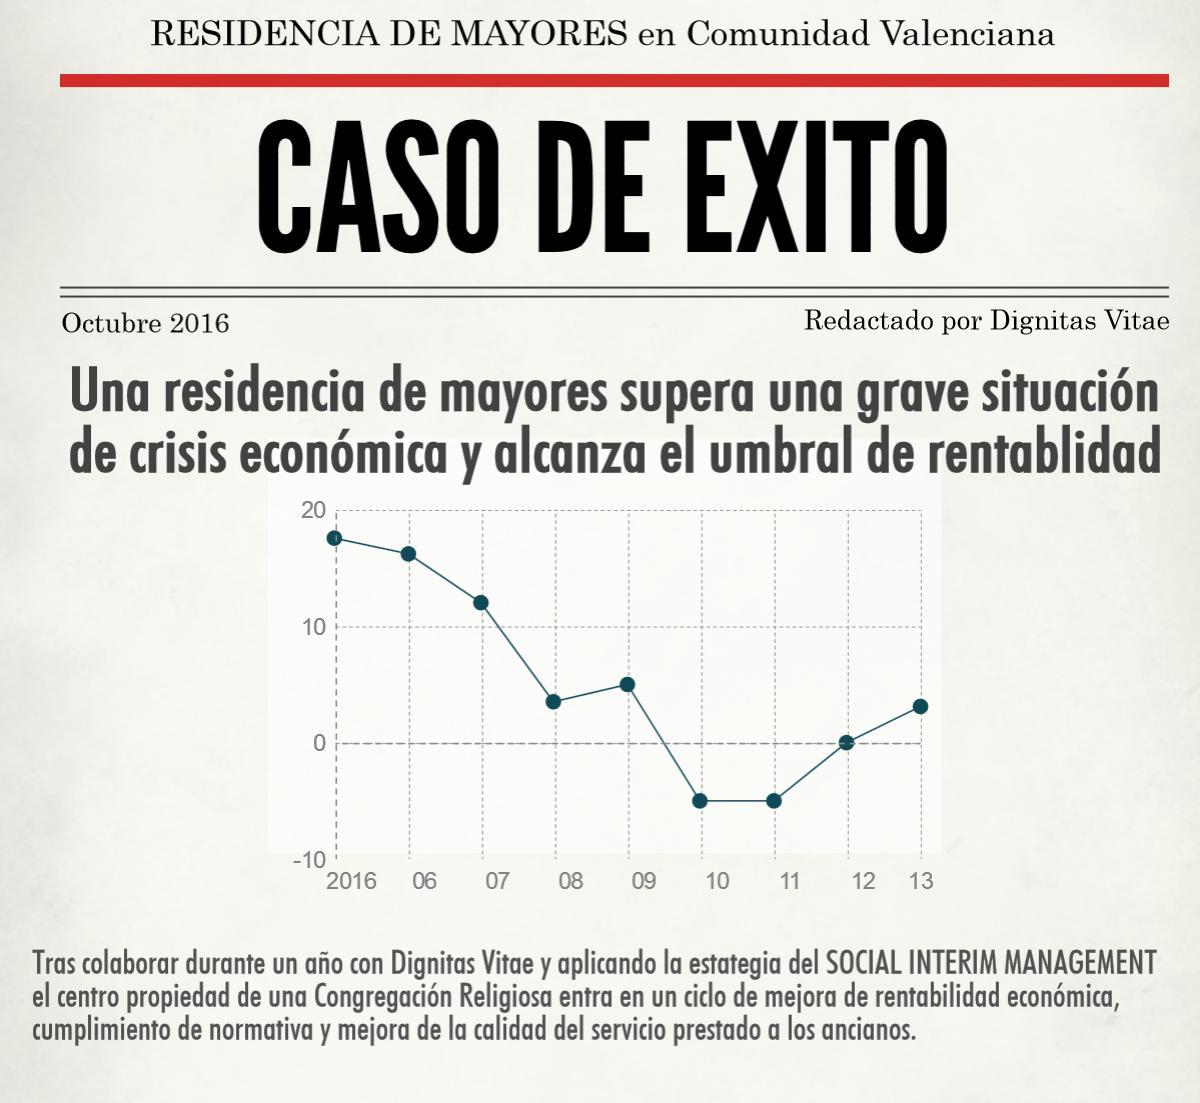 Social Interim Management en Residencia de Mayores propiedad de Congregación Religiosa